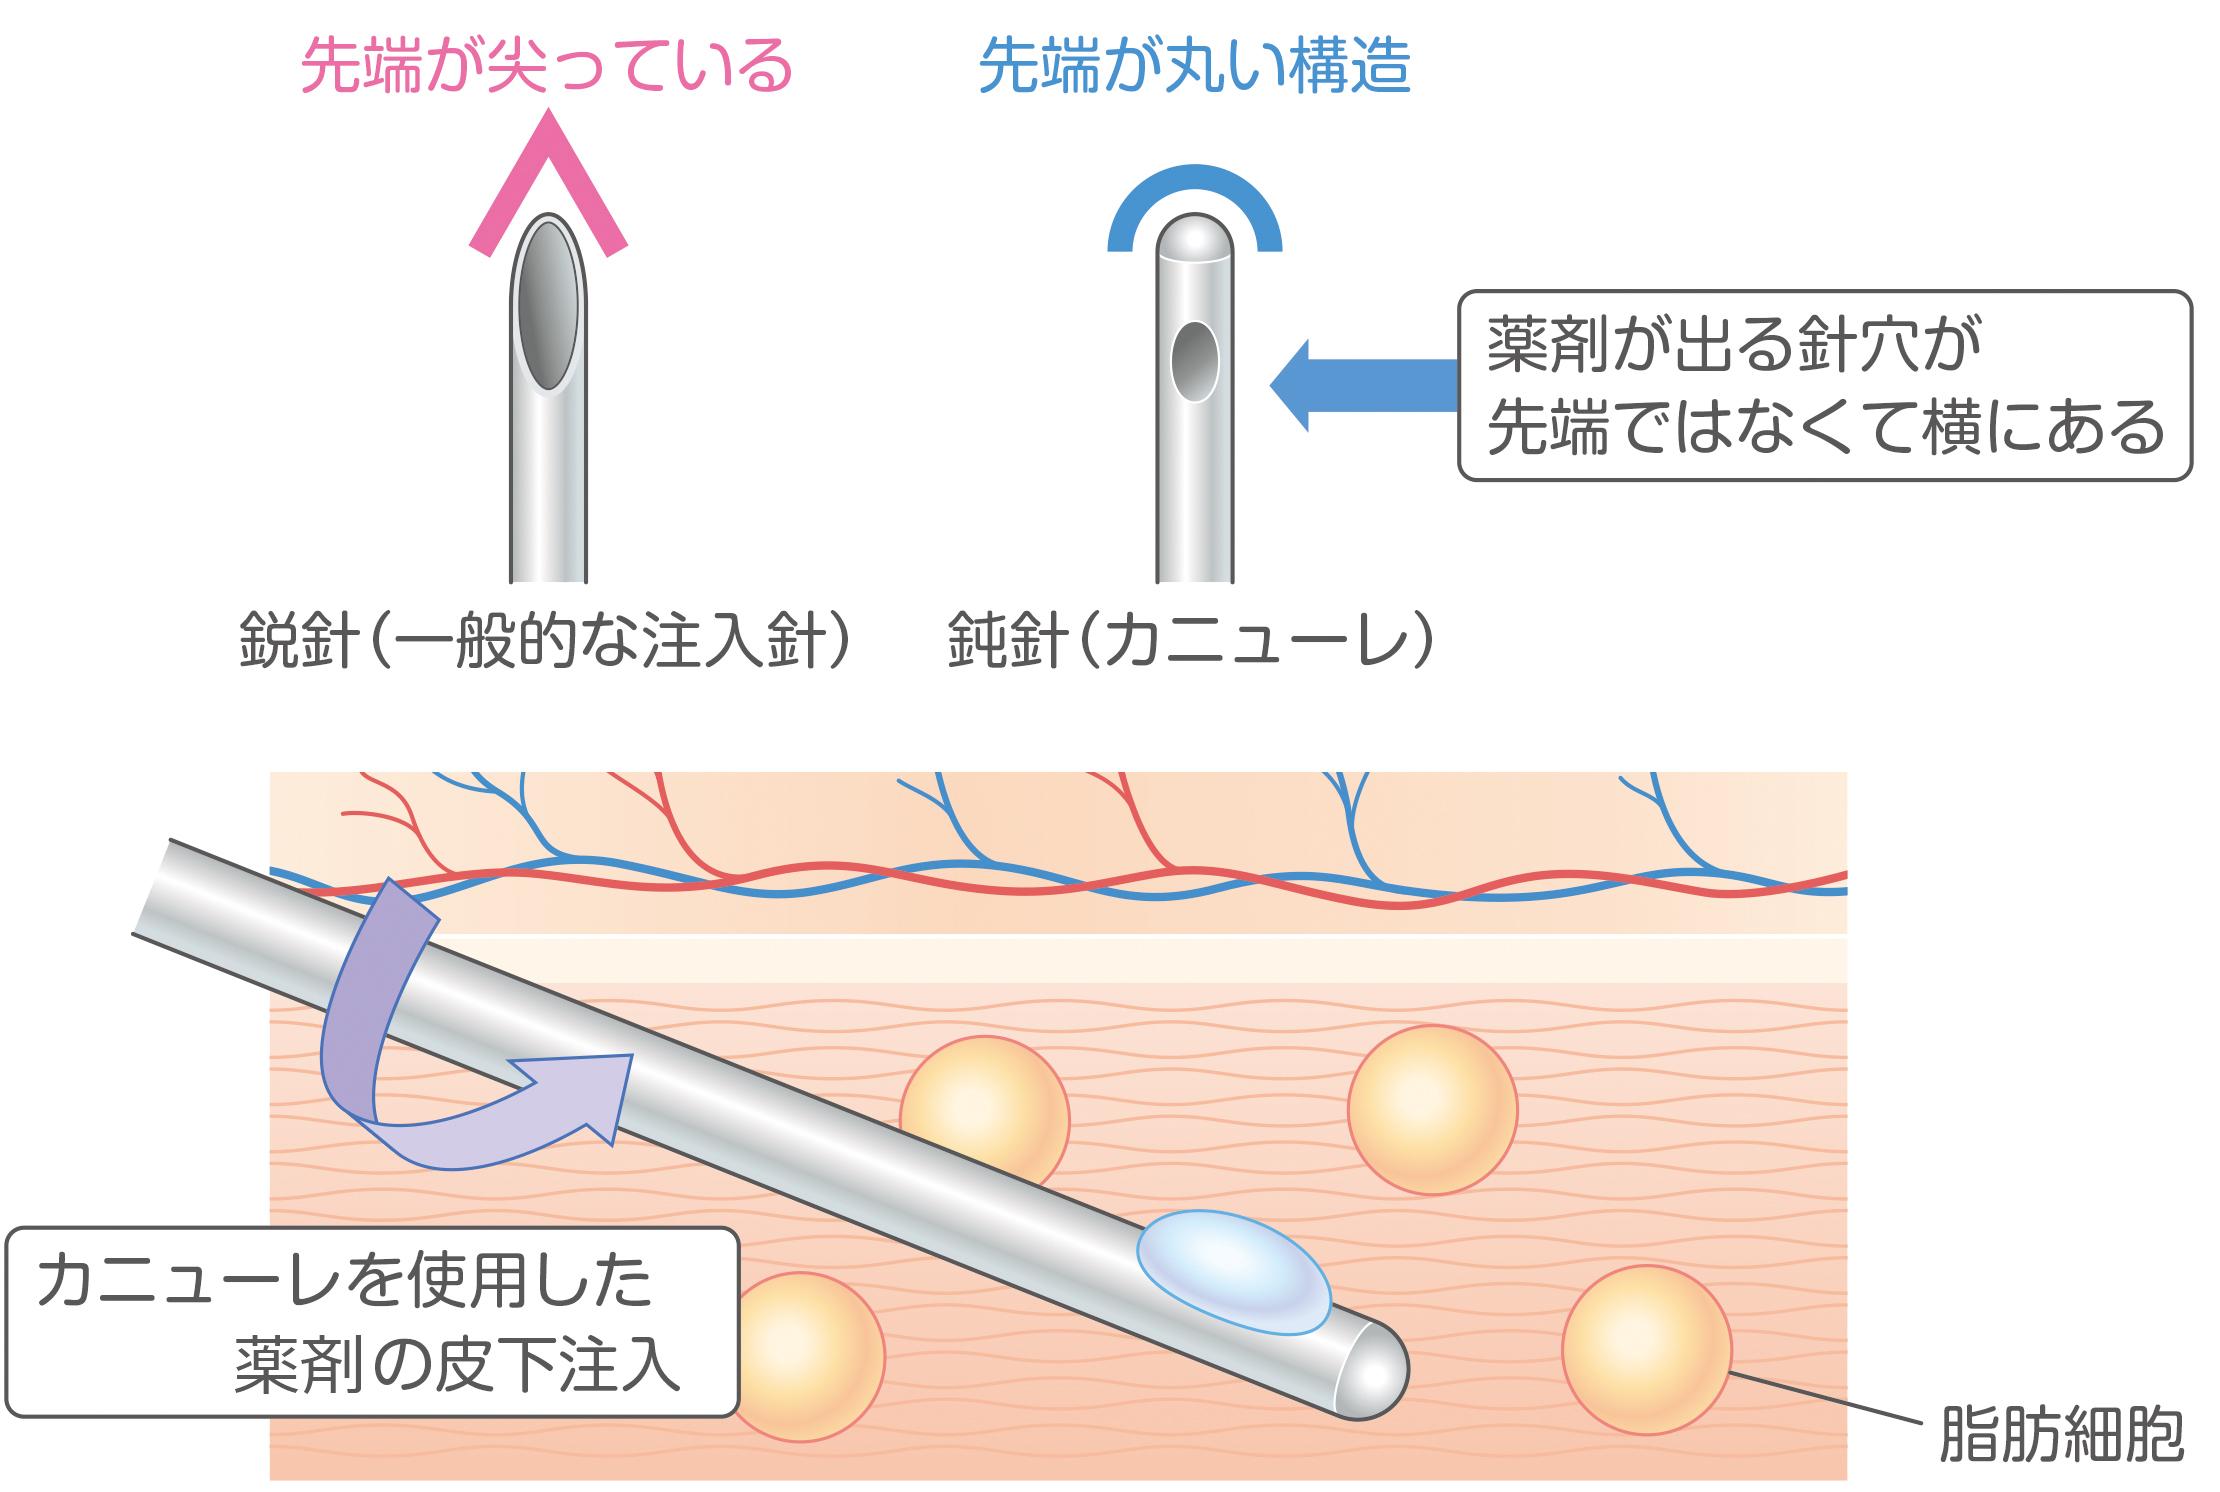 Uma cânula que alivia a dor das injeções de dissolução de gordura